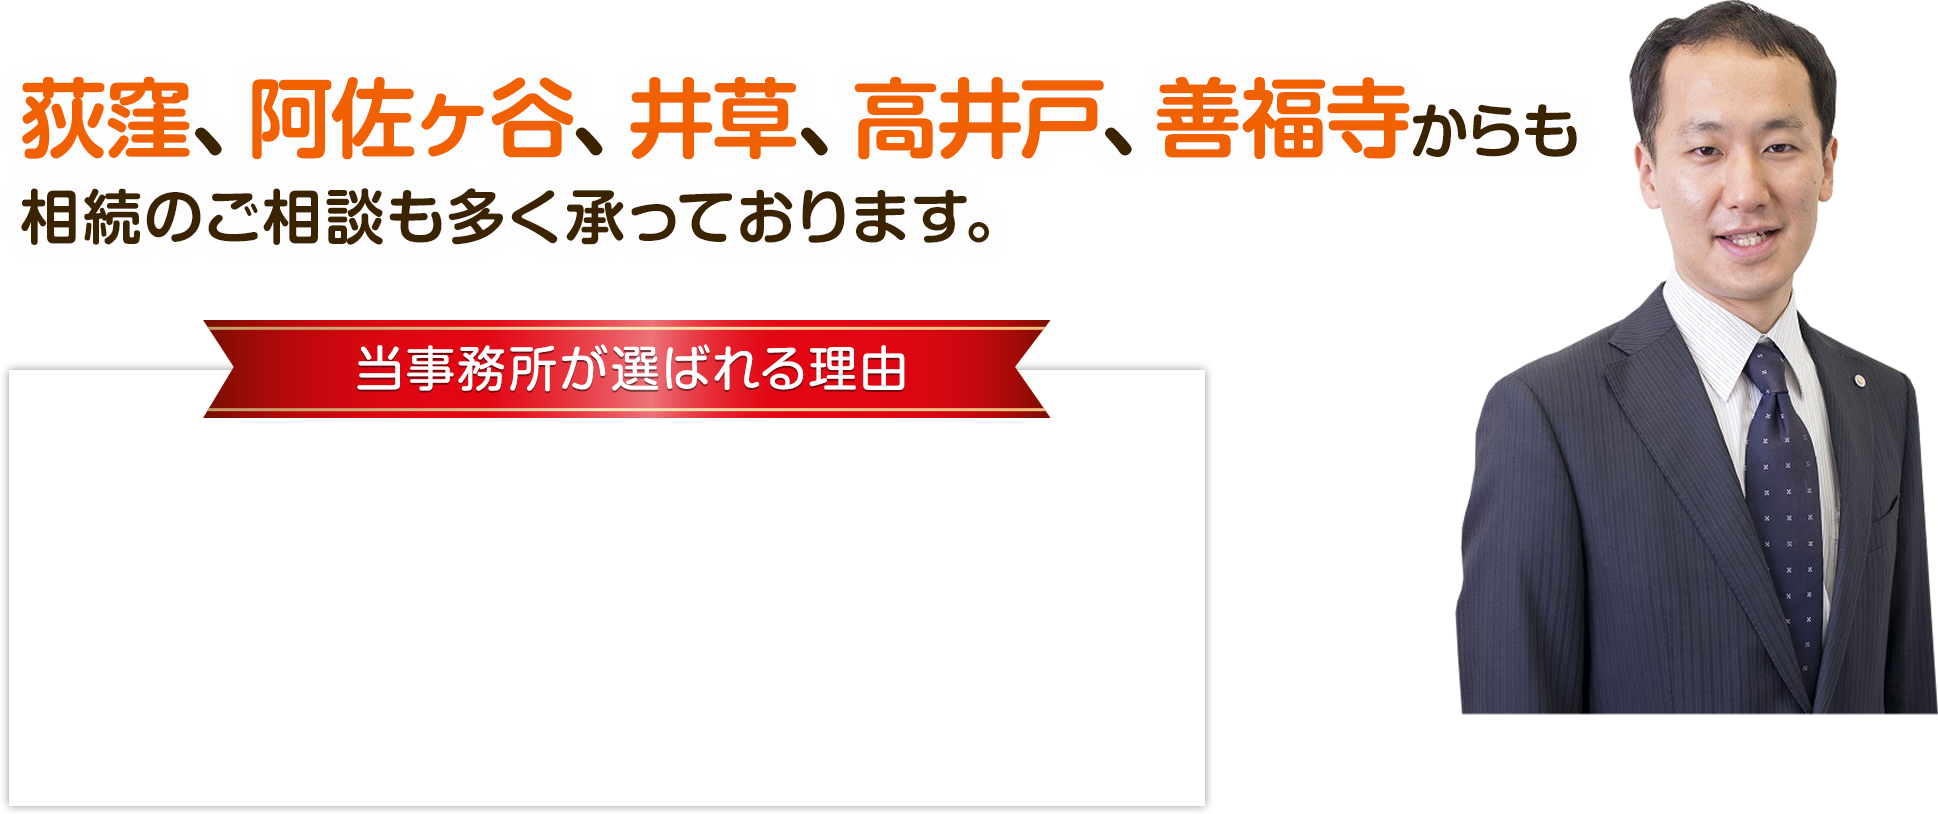 荻窪、阿佐ヶ谷、井草、高井戸、善福寺からも相続のご相談も多く承っております。